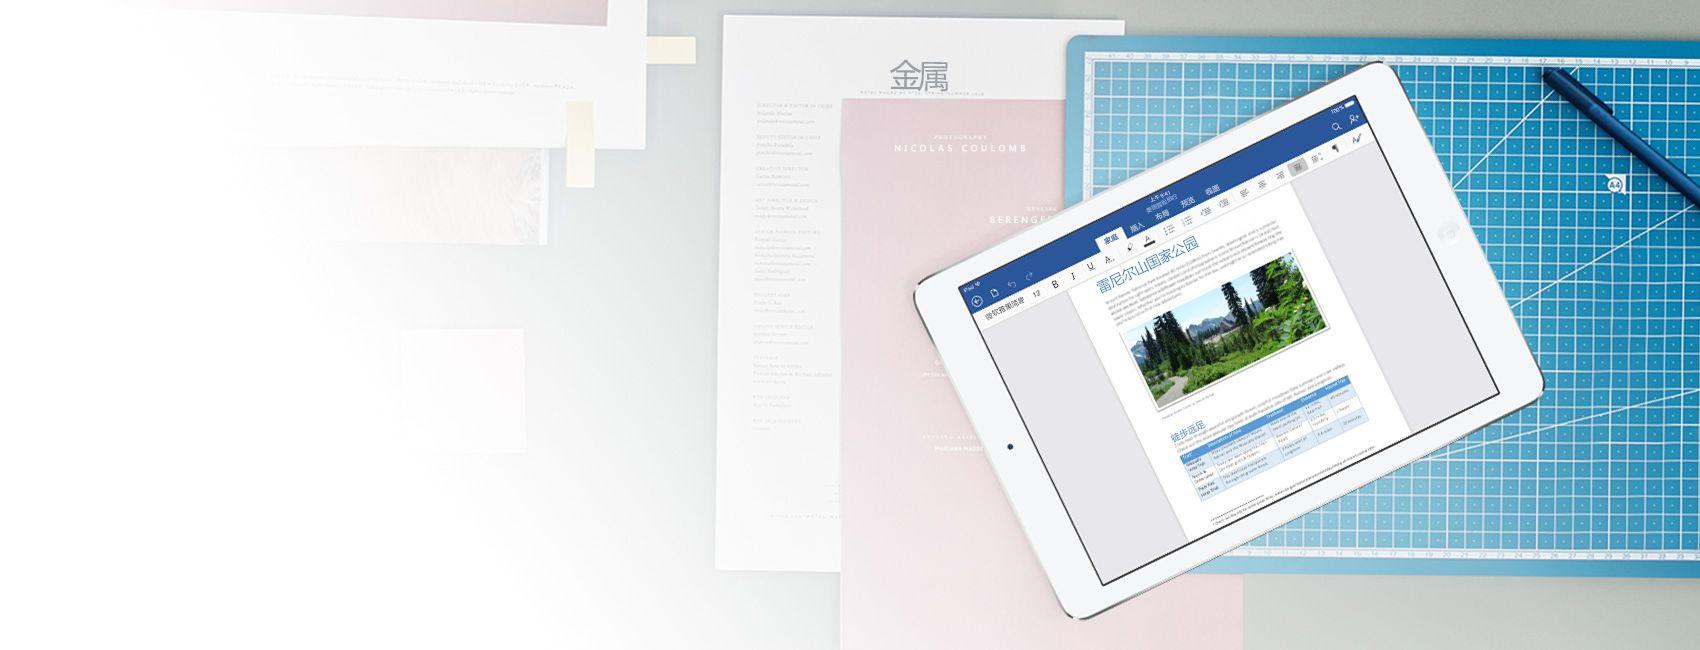 在适用于 iOS 的 Word 应用中显示有关瑞尼尔山国家公园的 Word 文档的 iPad